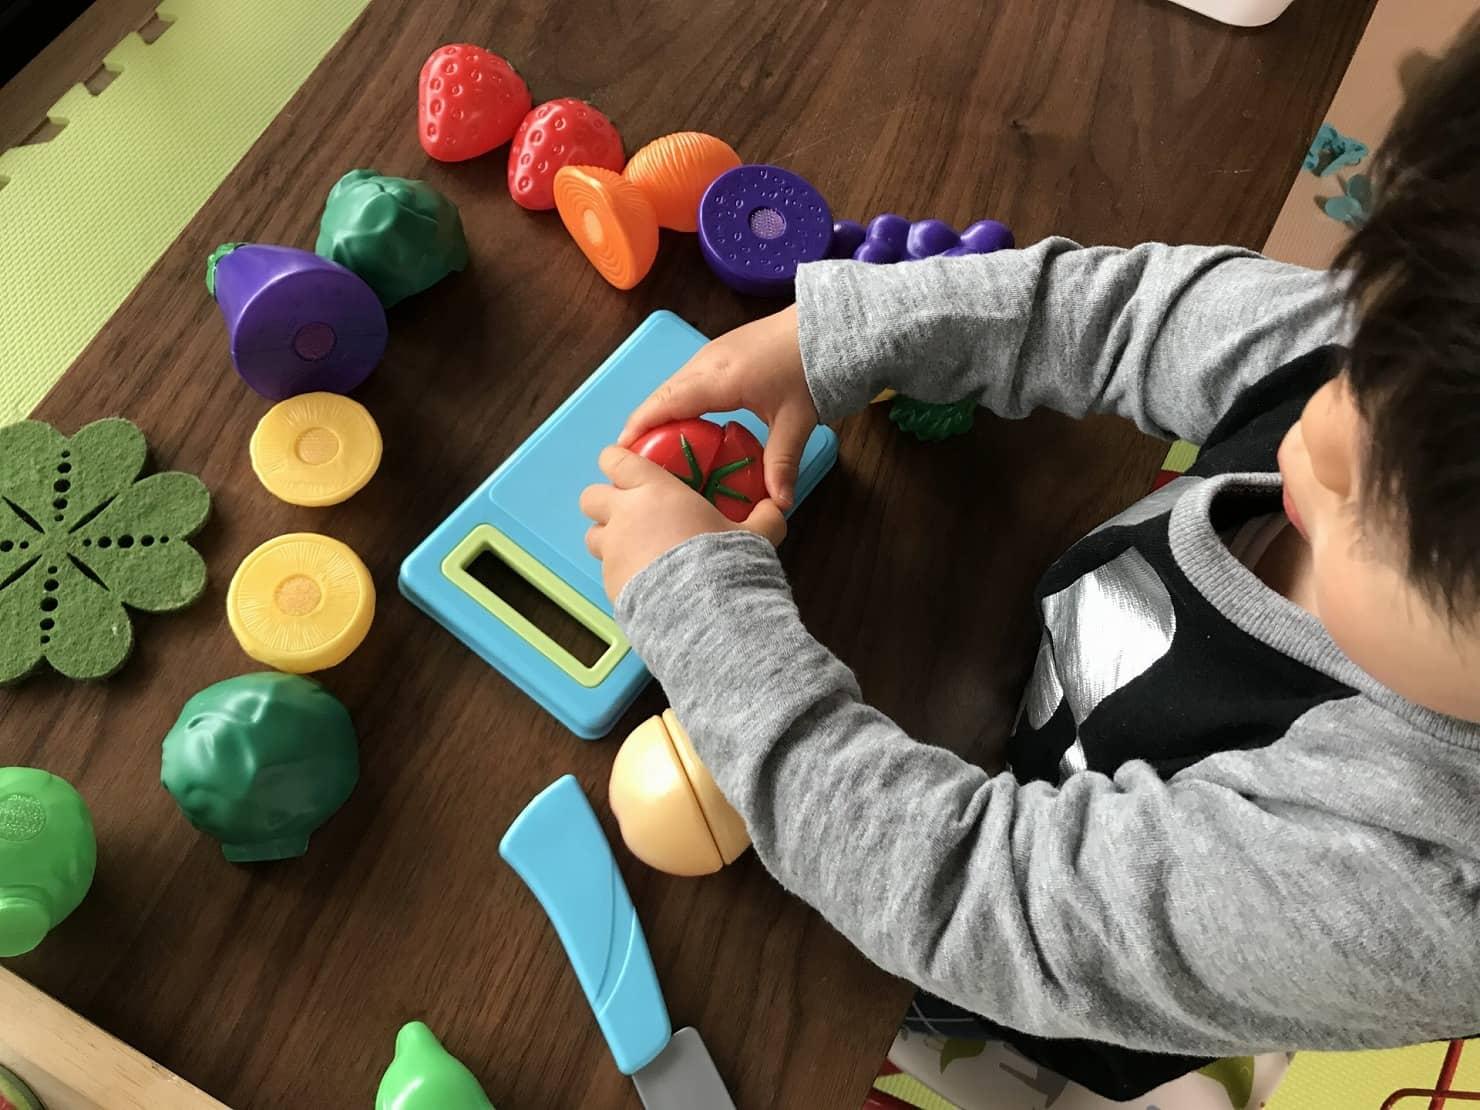 ごっこ遊びはいつから? 1歳~5歳のごっこ遊びの種類やごっこ遊びが広がるおもちゃ13選